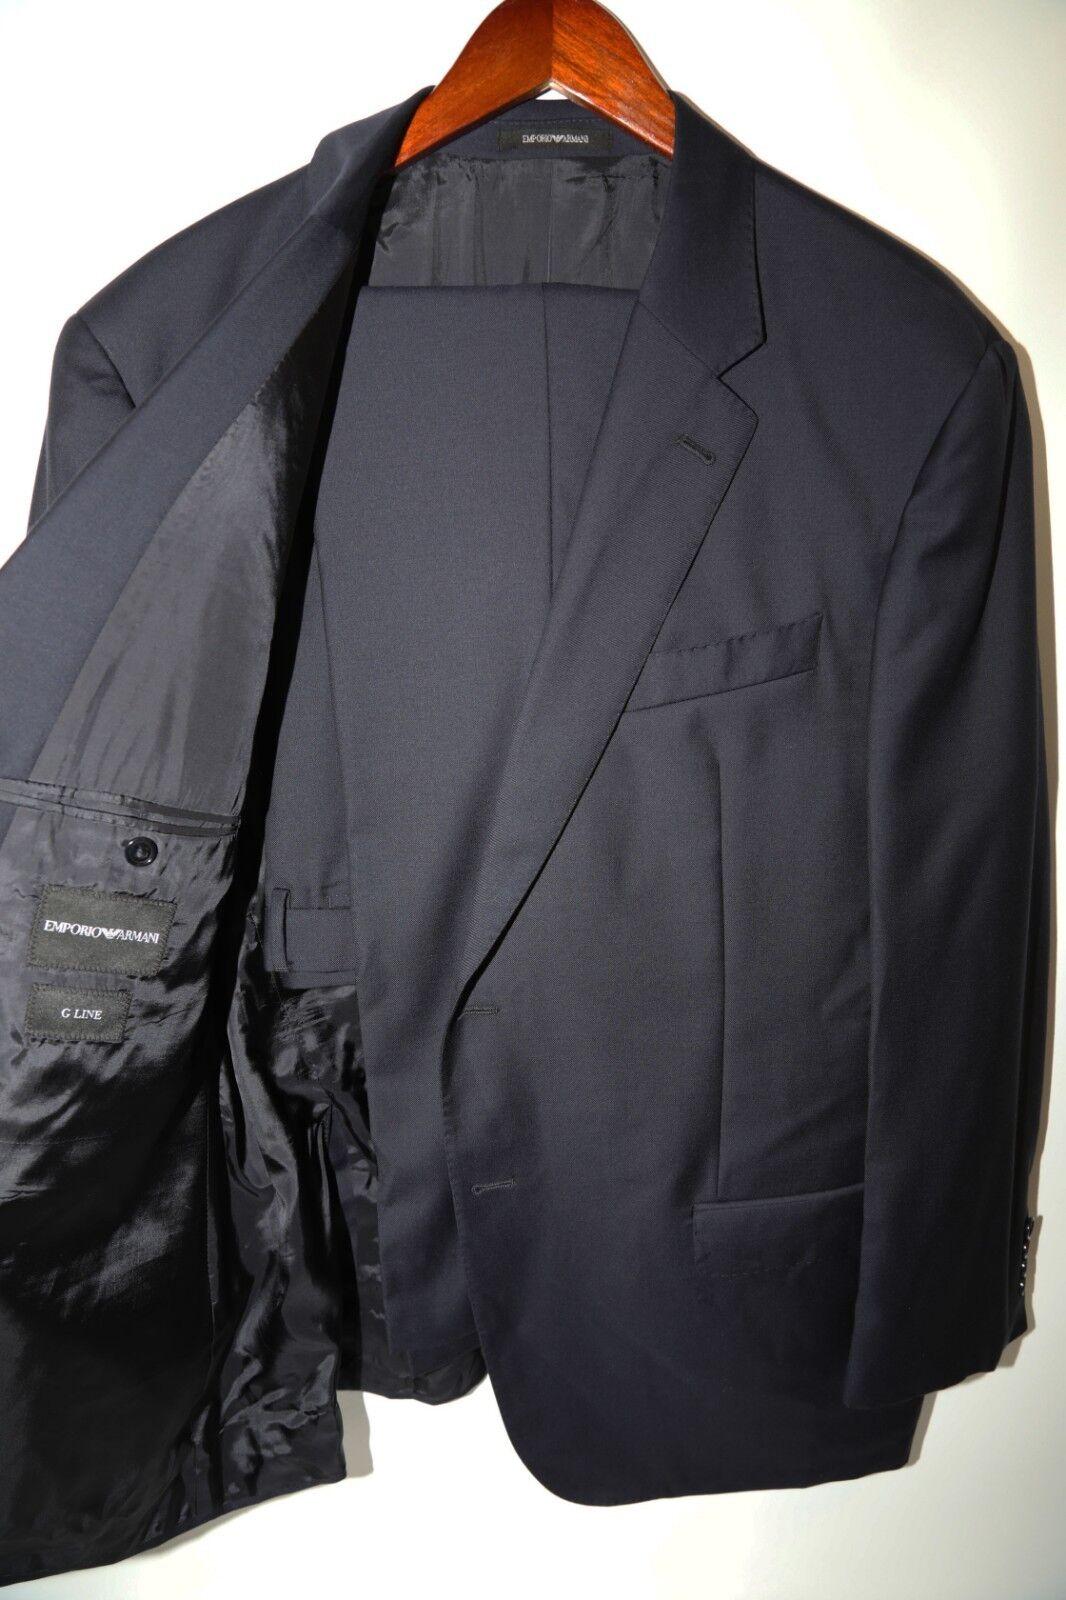 183 Armani Emporio Armani G Line Super 130's Two Button Suit Größe 48 R